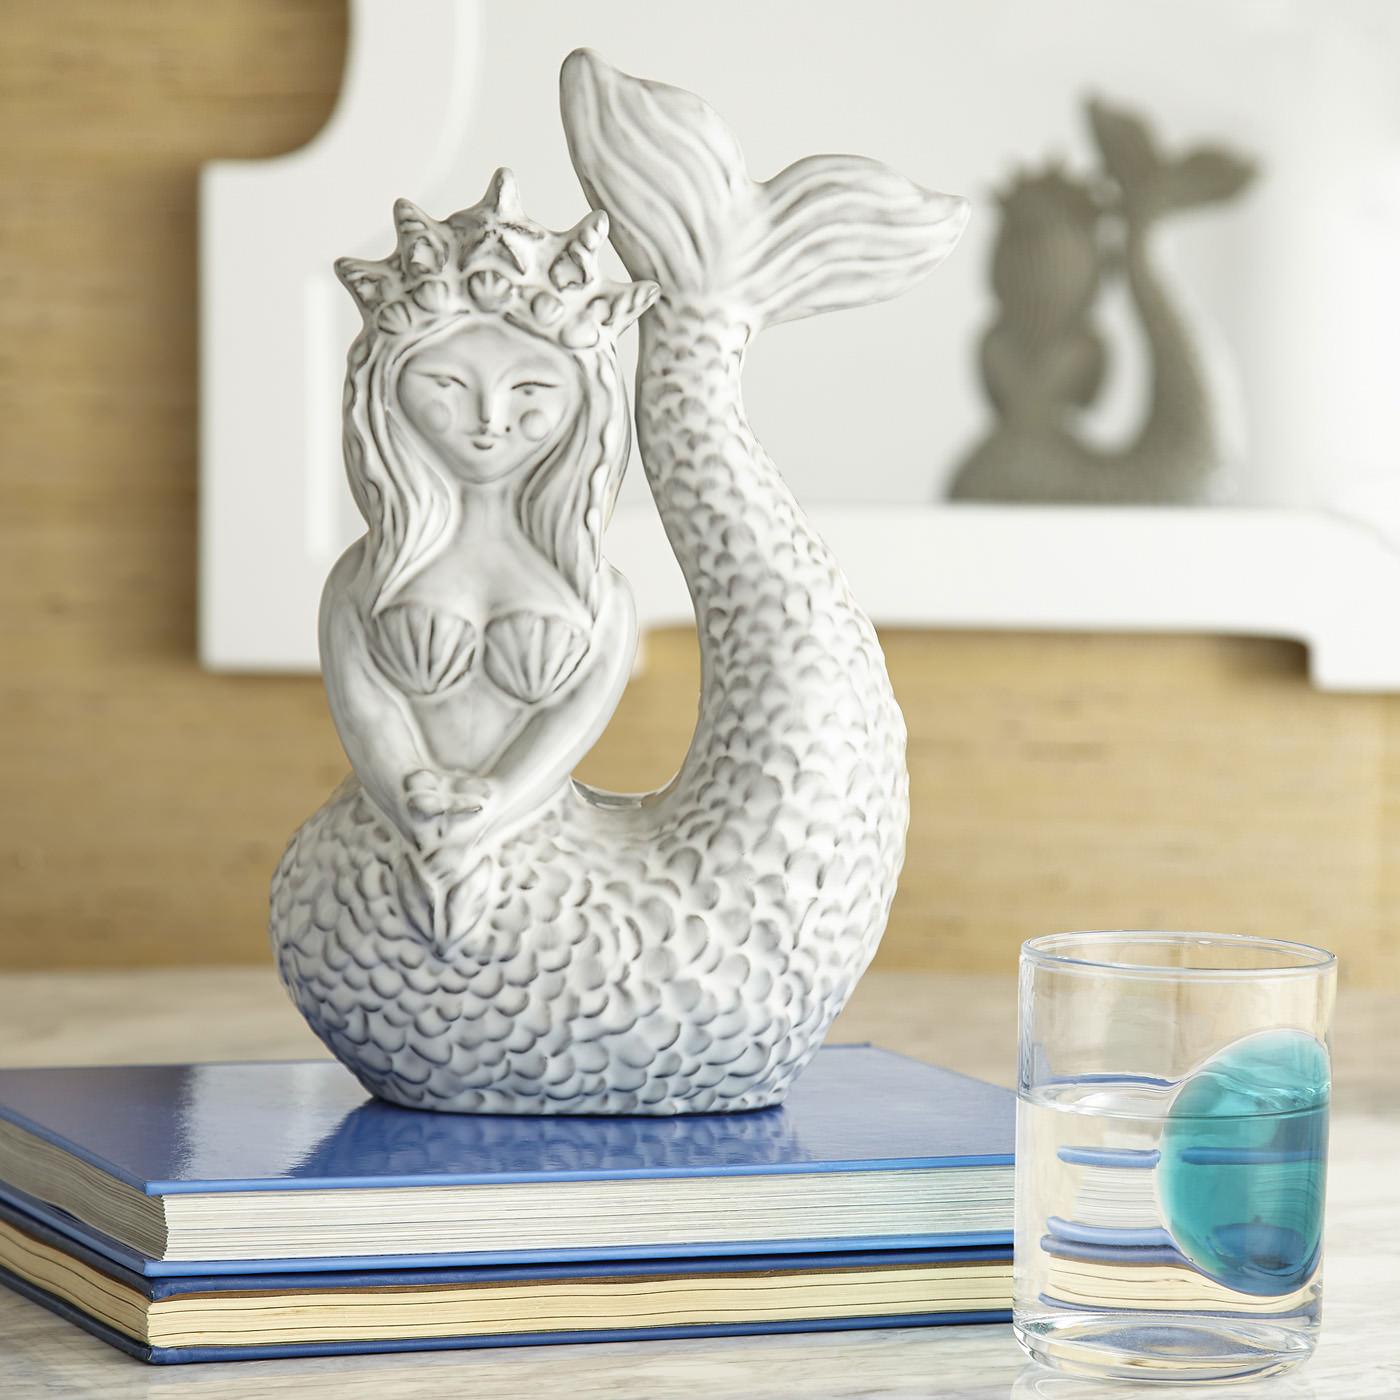 Beautiful Little Mermaid Bedroom Decor The Little Mermaid